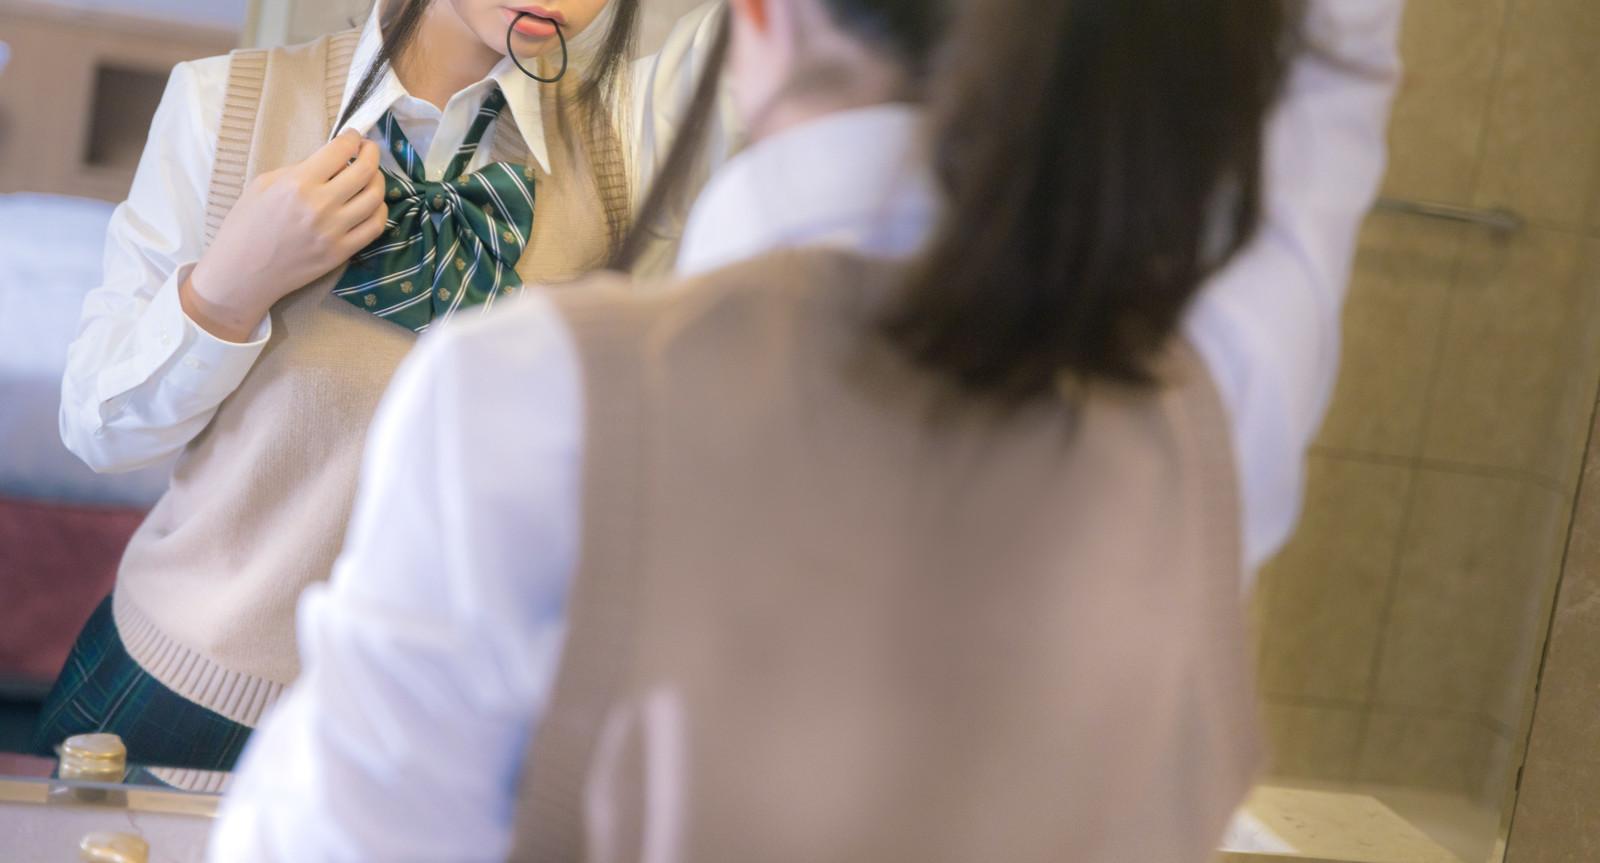 事務 マリア 所 愛子 【水着画像】マリア愛子のカップや事務所は!?性格はガサツ!?【ヤンジャン】